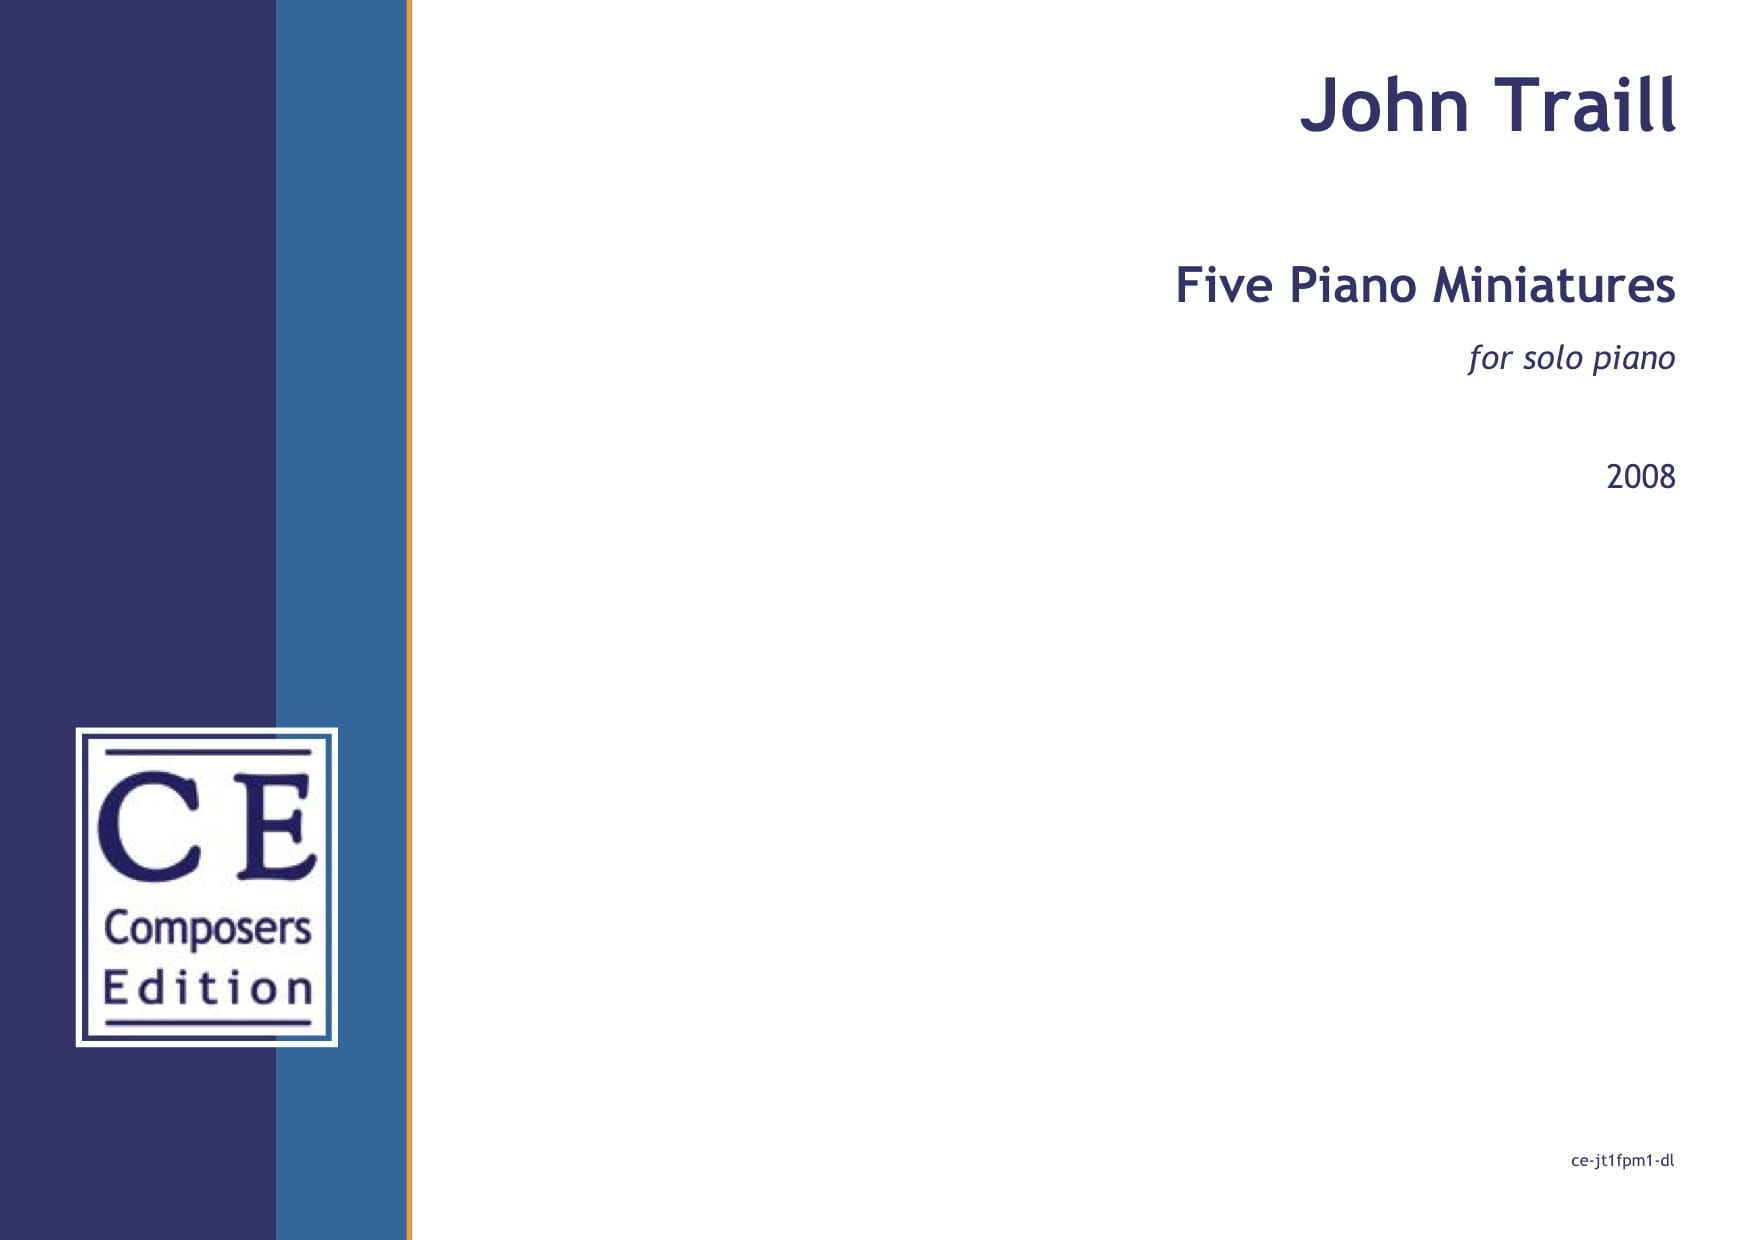 John Traill: Five Piano Miniatures for solo piano